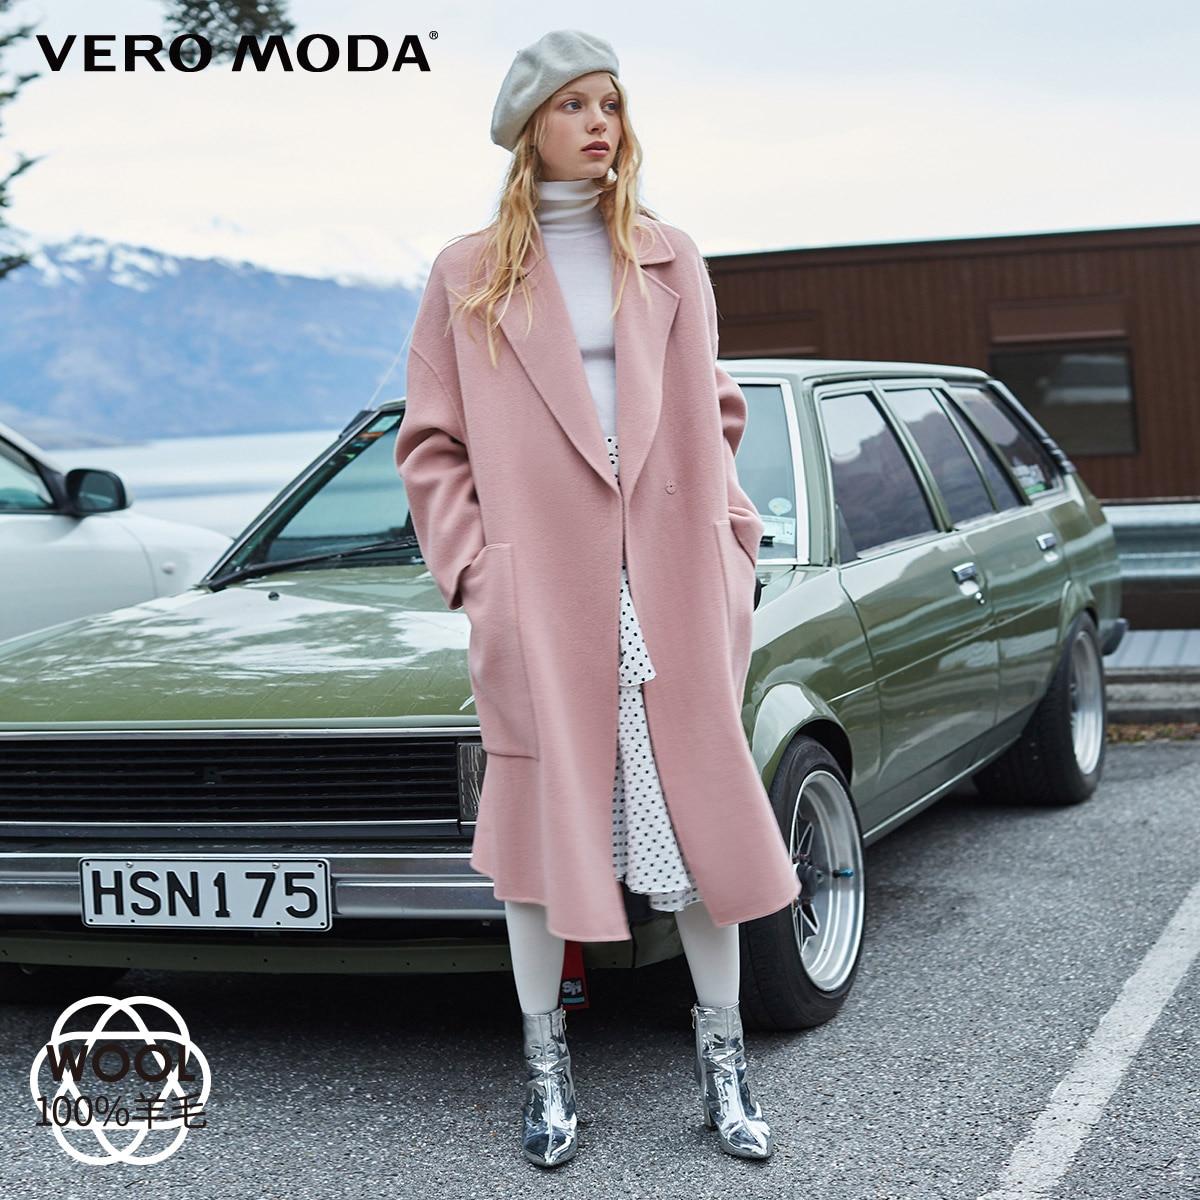 Vero Moda Women s 100 wool double faced woolen overcoat 318427505